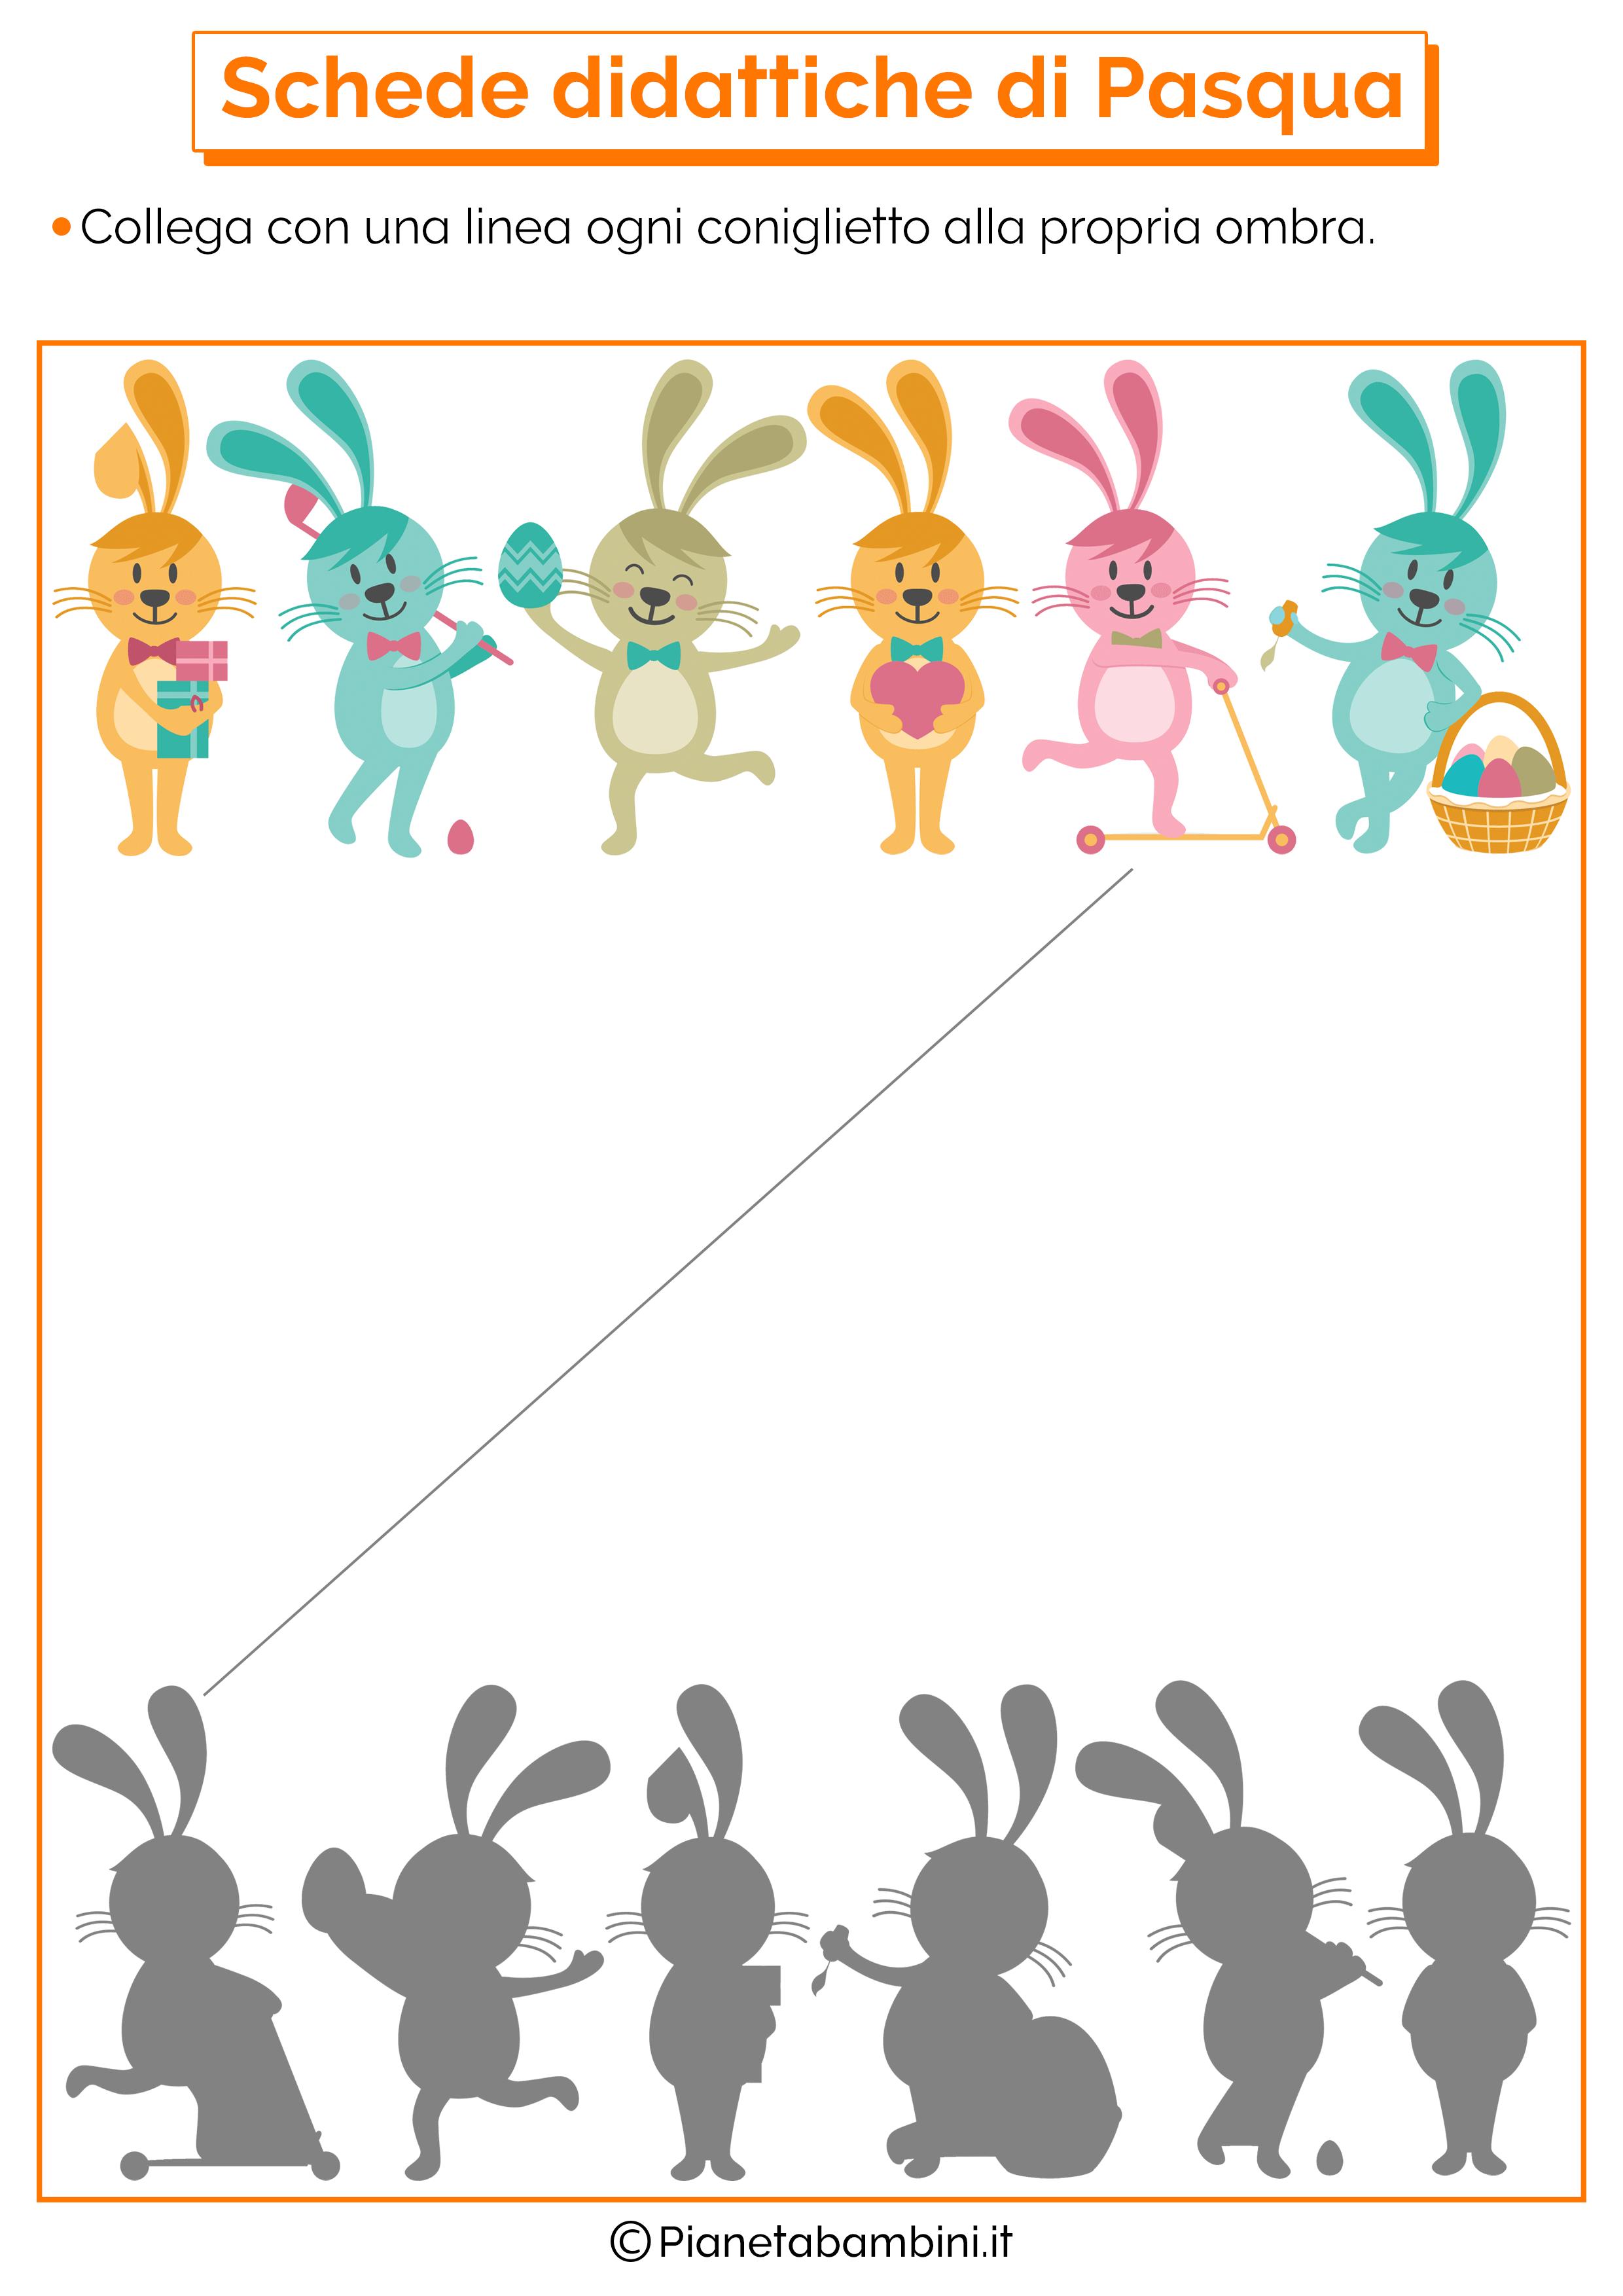 Scheda didattica di Pasqua per la scuola dell'infanzia 8